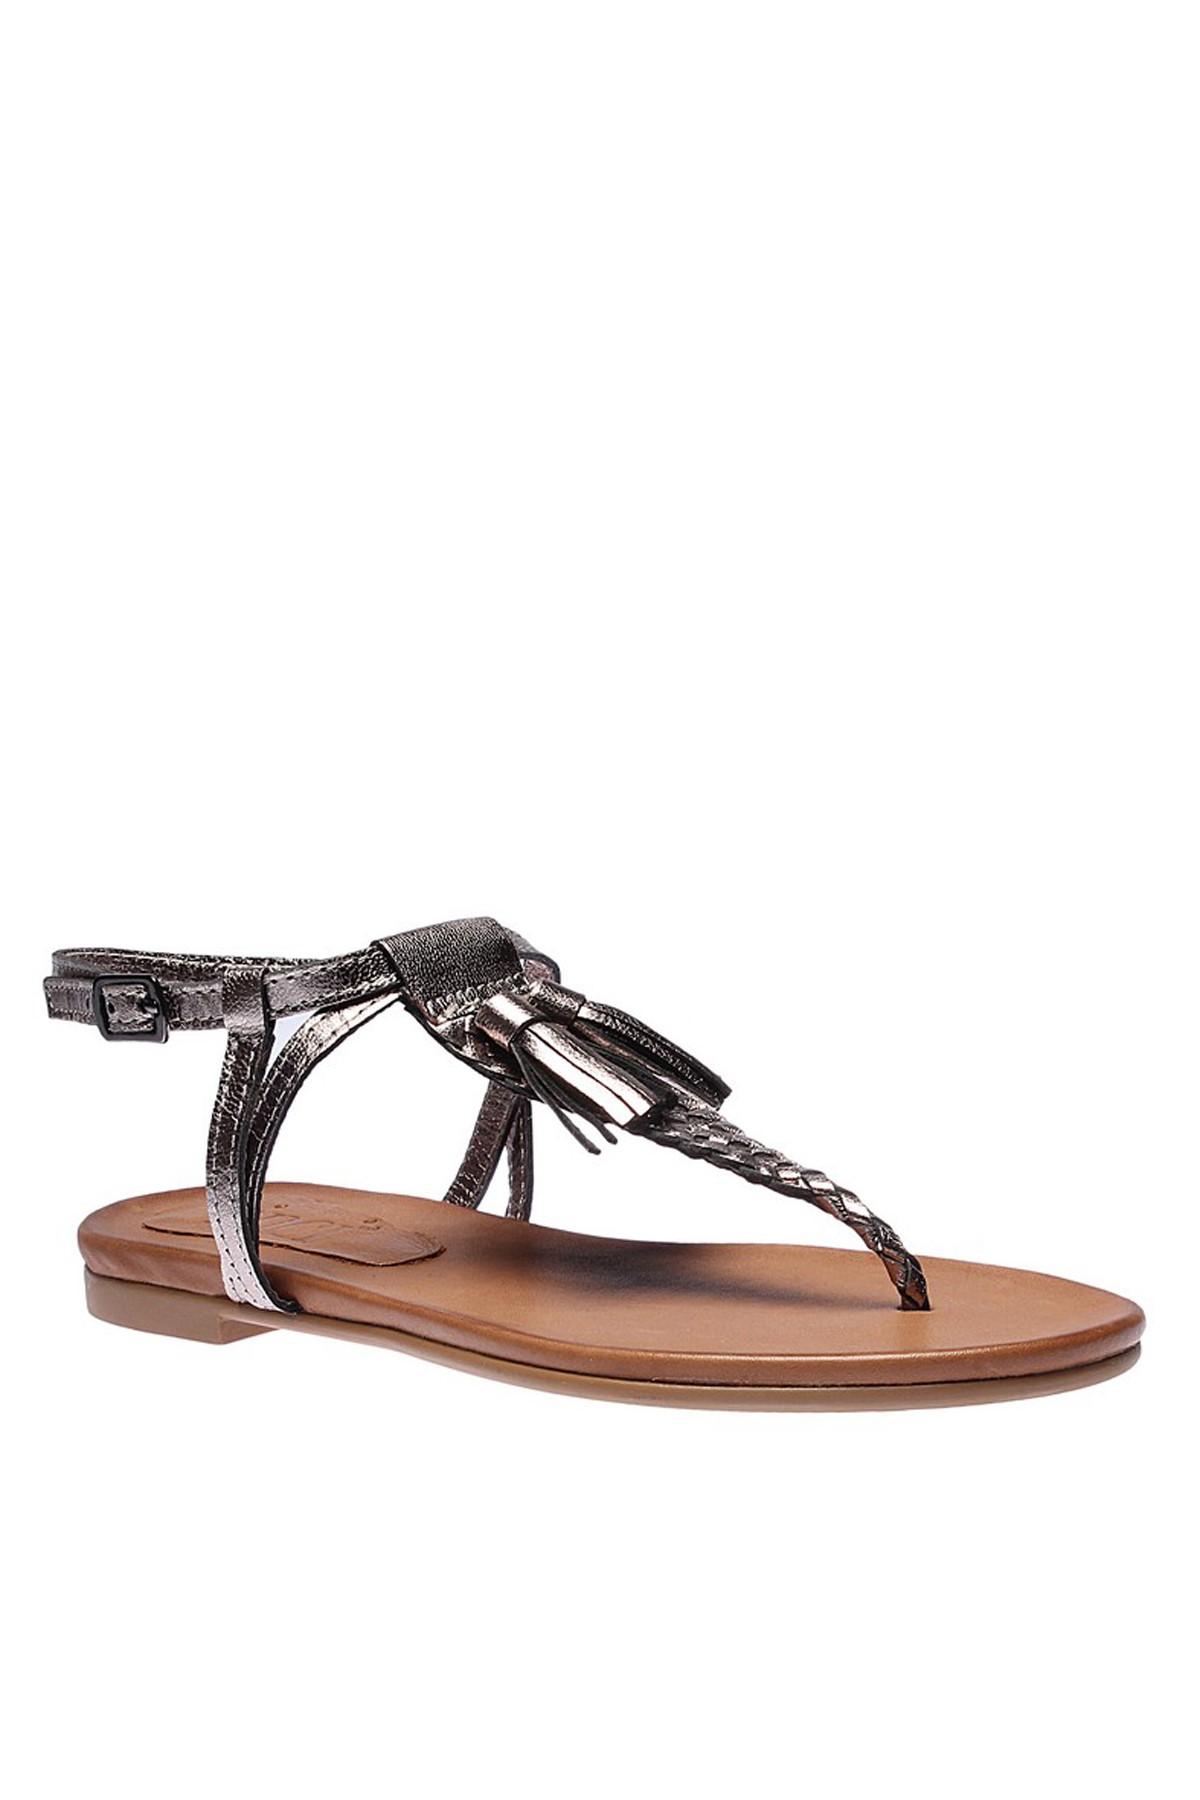 İnci Hakiki Deri Antrasit Kadın Sandalet 120120076038 2